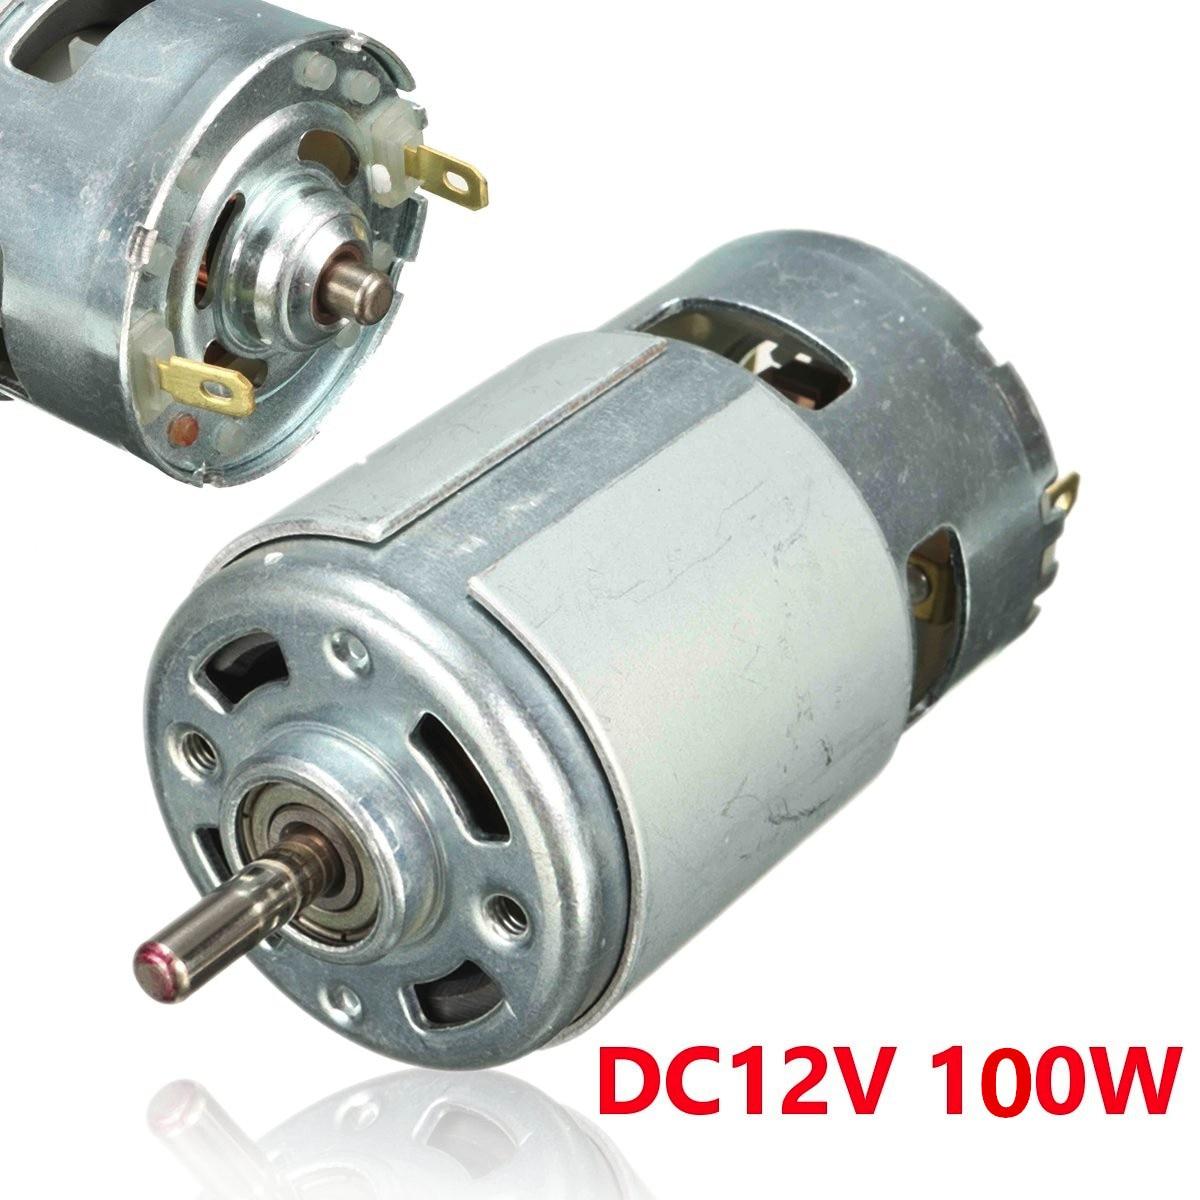 90 Watt High Speed and Torque Long 13.5 V DC Motor 3.17mm Shaft 18000 RPM